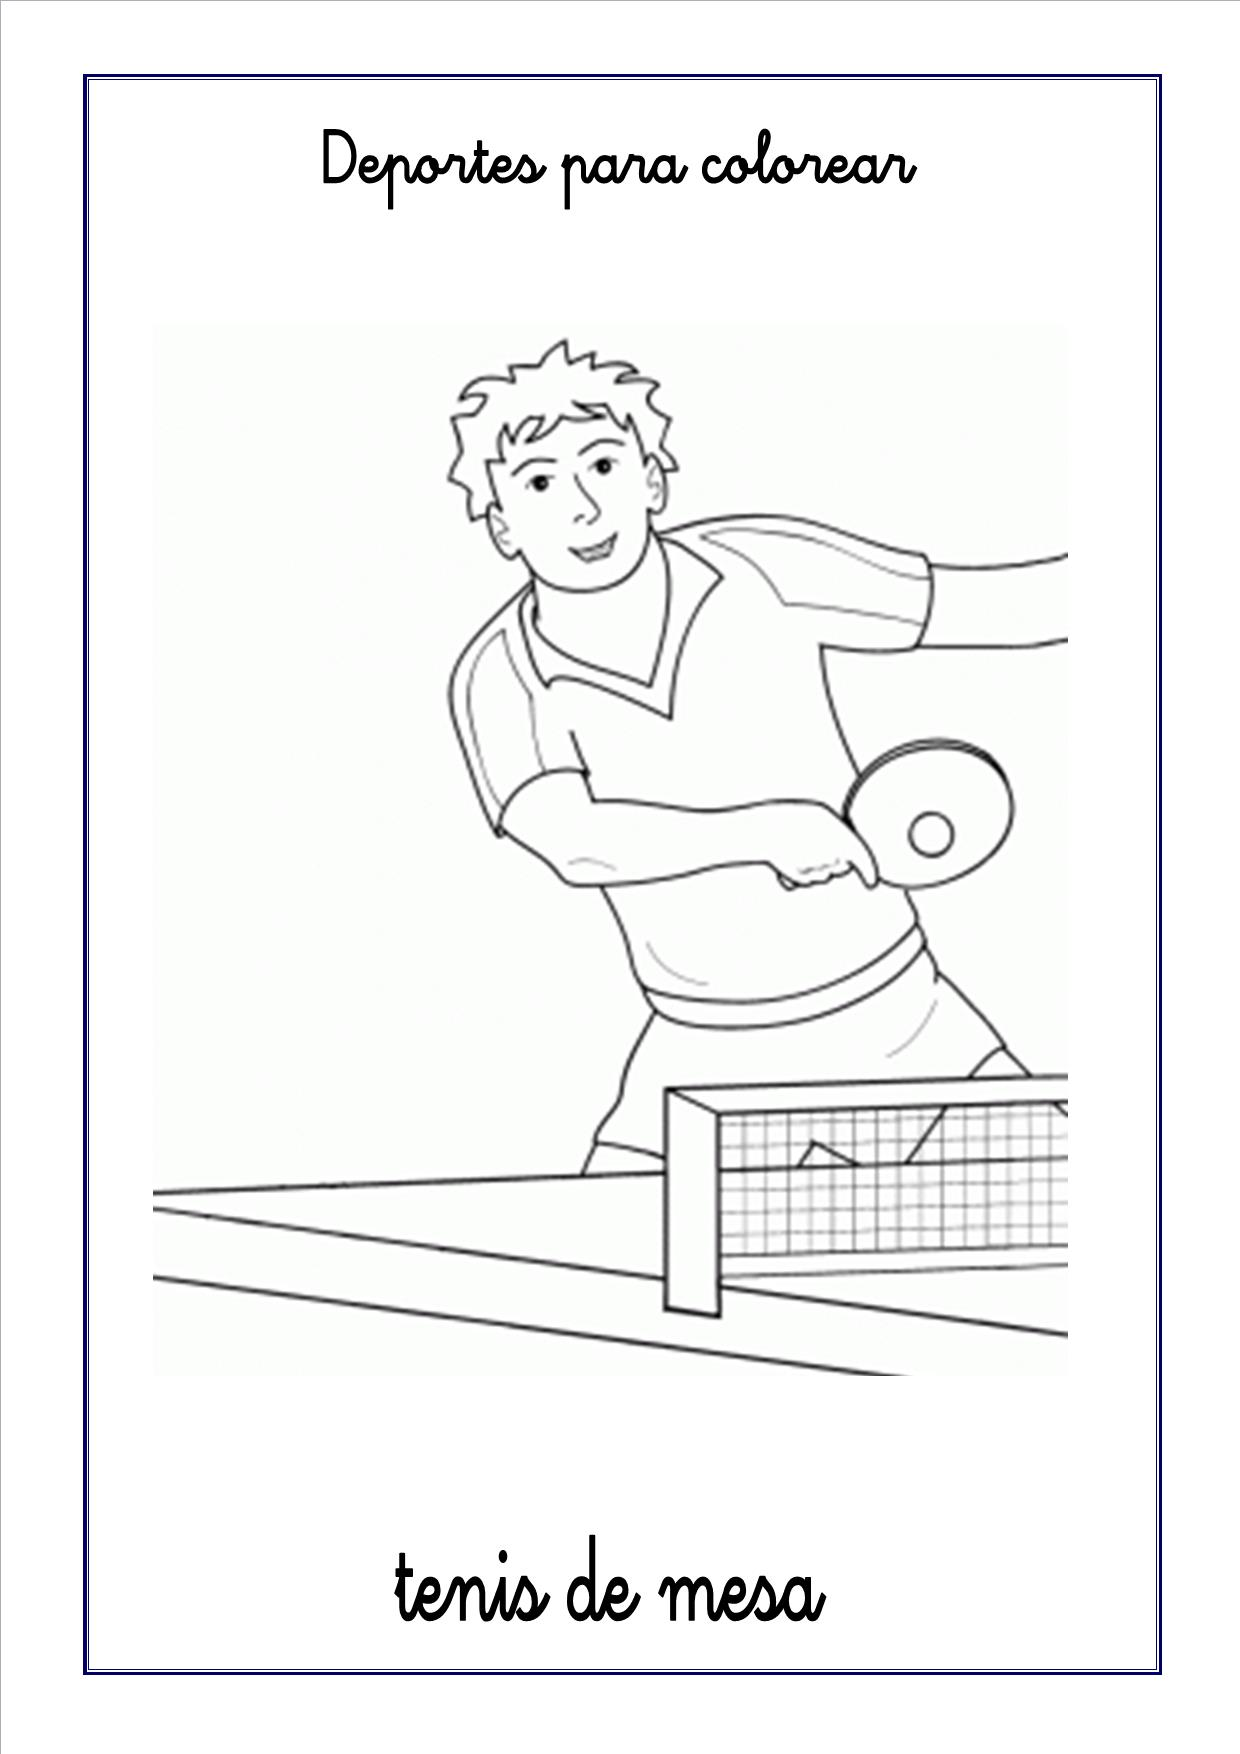 Dorable Páginas Para Colorear De Tenis Patrón - Dibujos Para ...